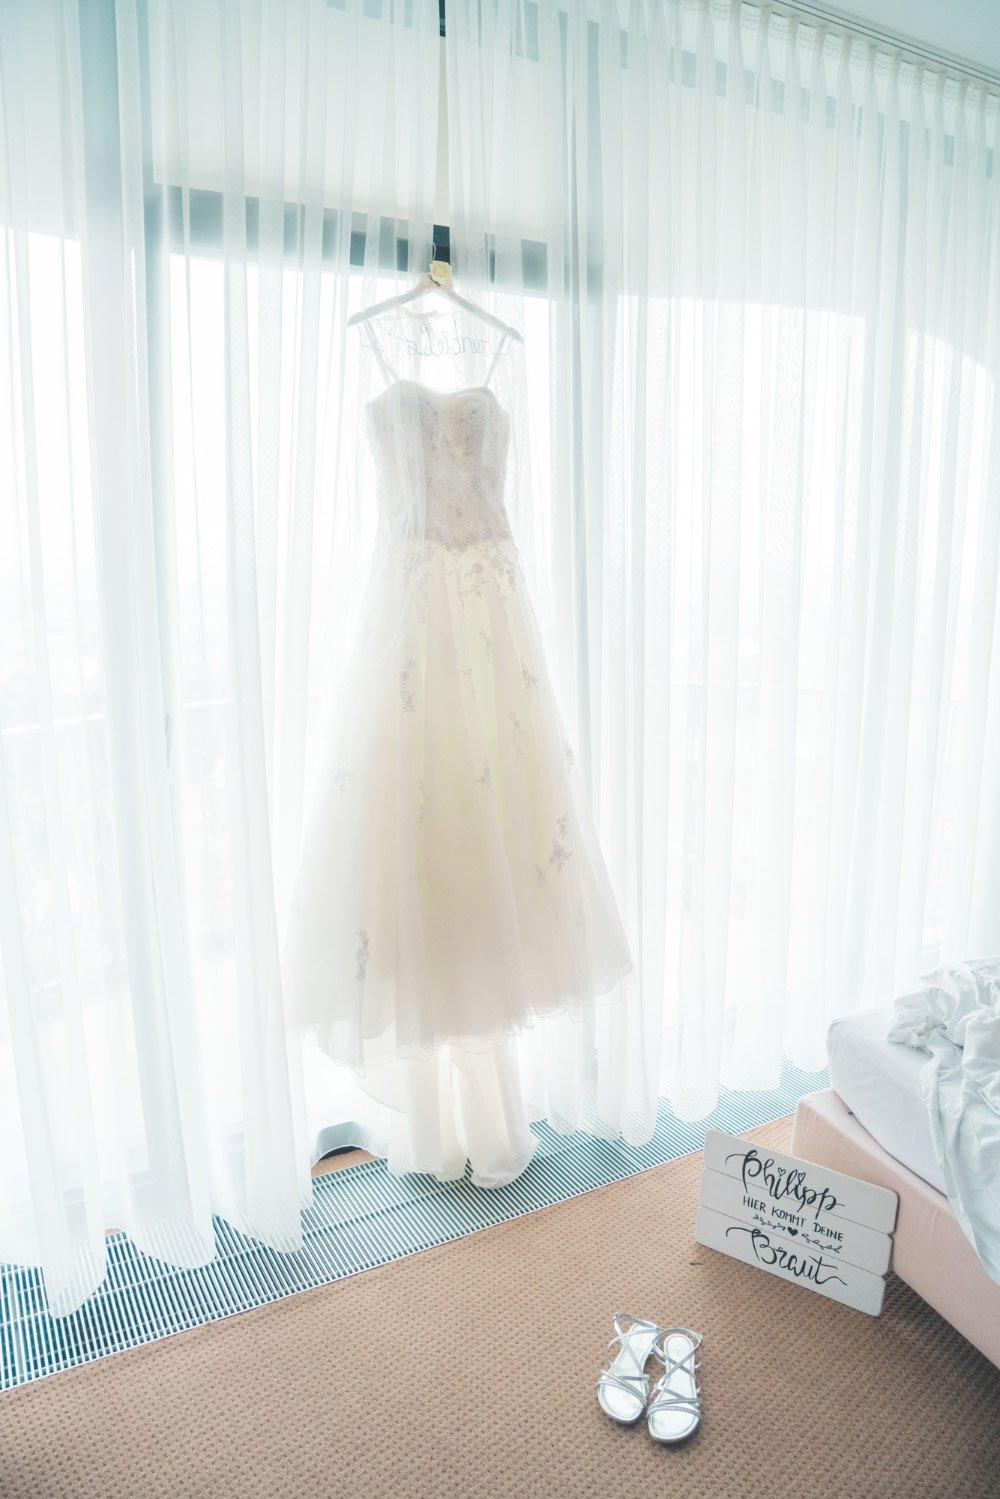 Das gebrauchte Brautkleid von Jenny – Vintage in Pastelltönen: Die Hochzeit von Jennifer & Philipp